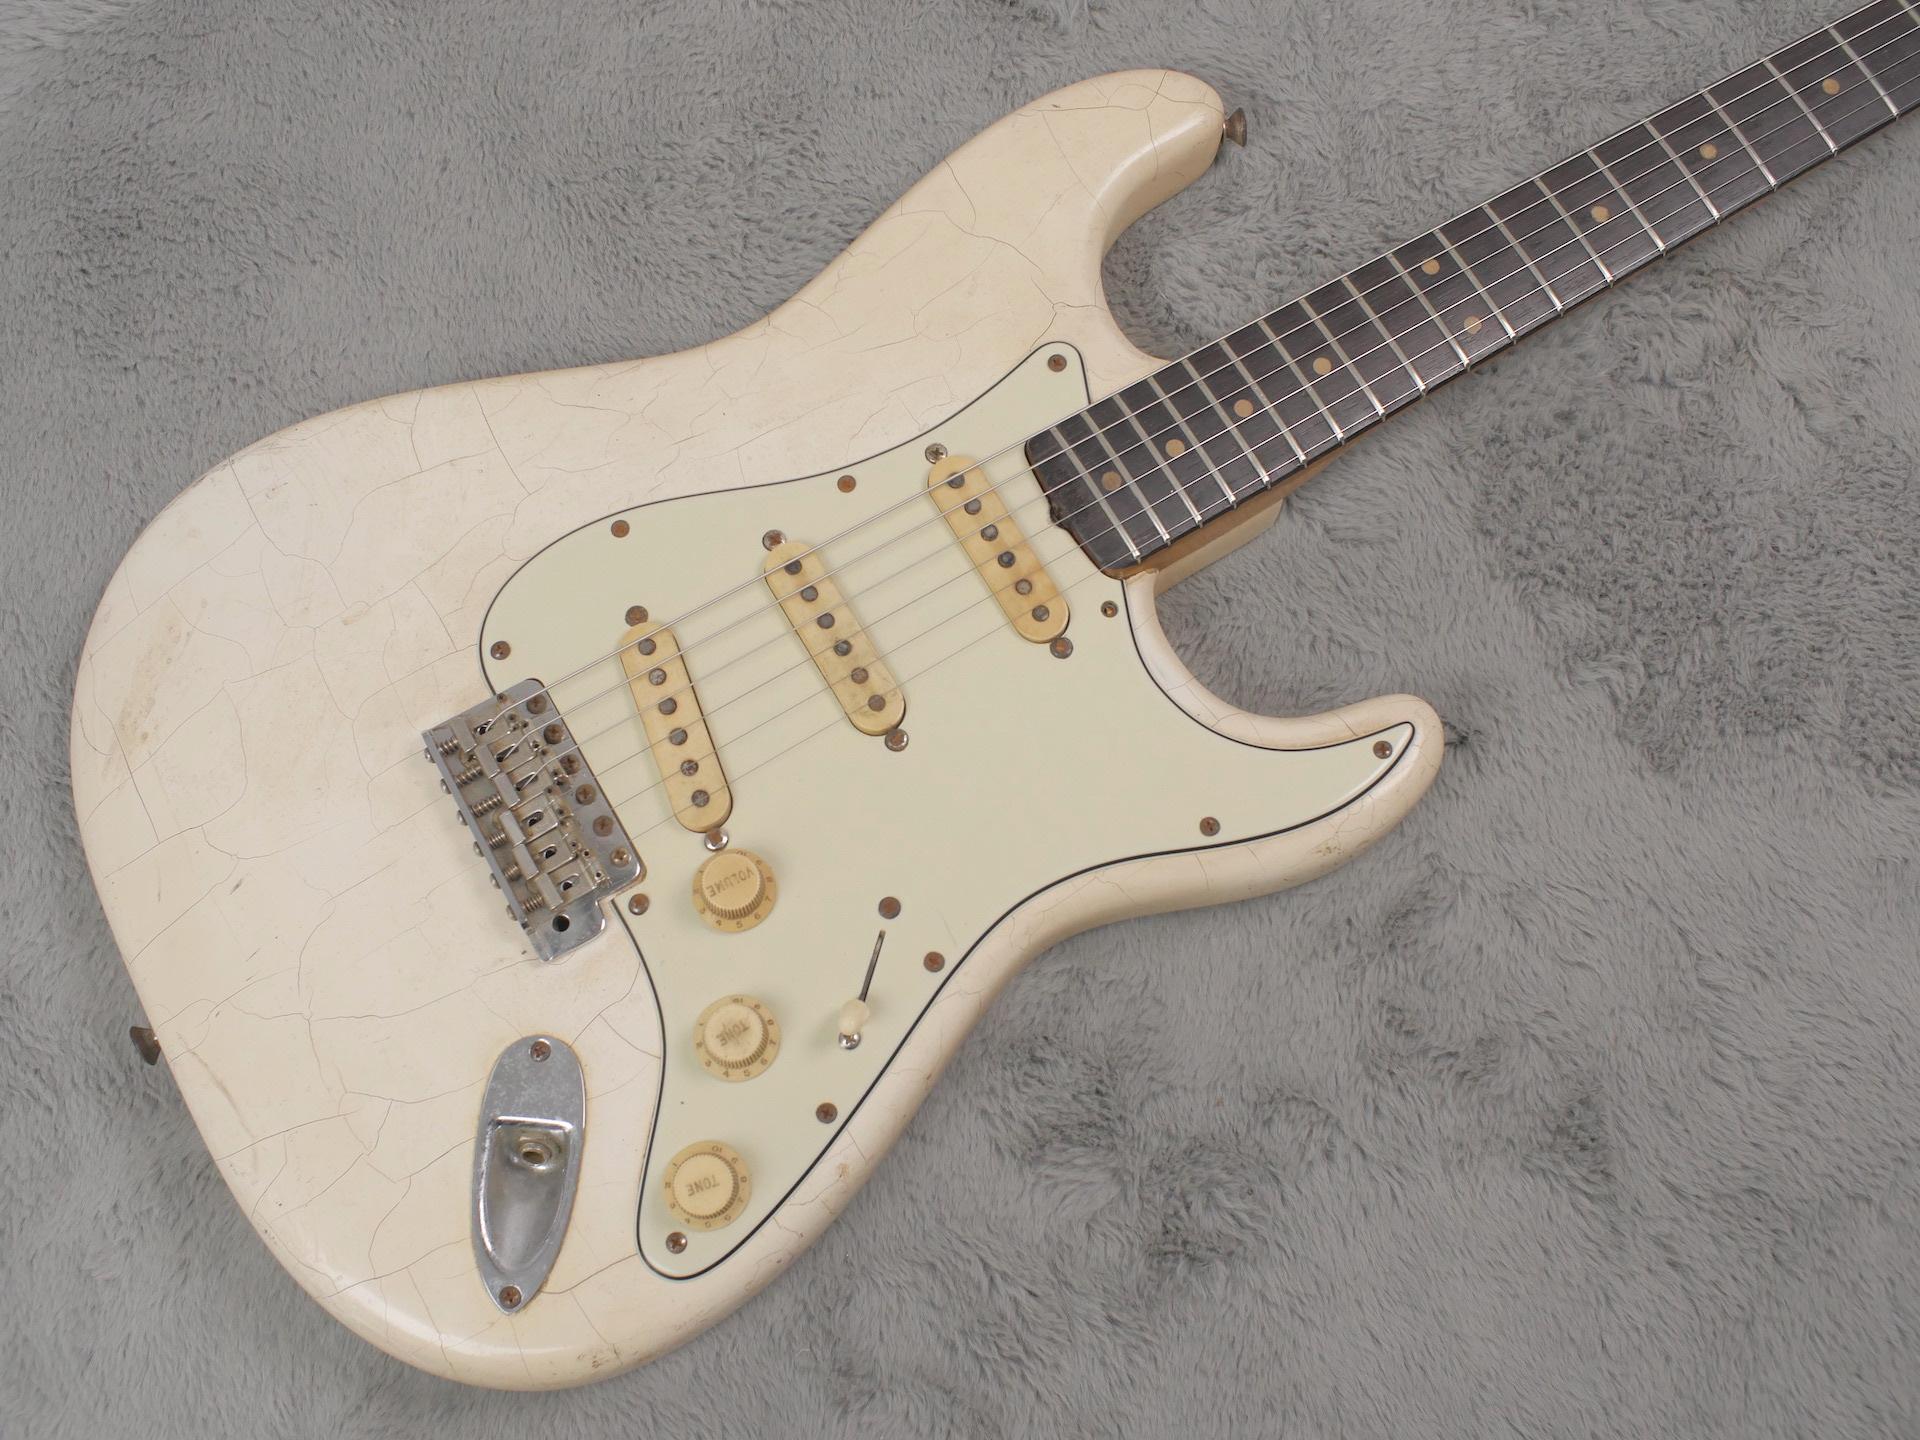 1962 Fender Stratocaster Olympic White refin + HSC